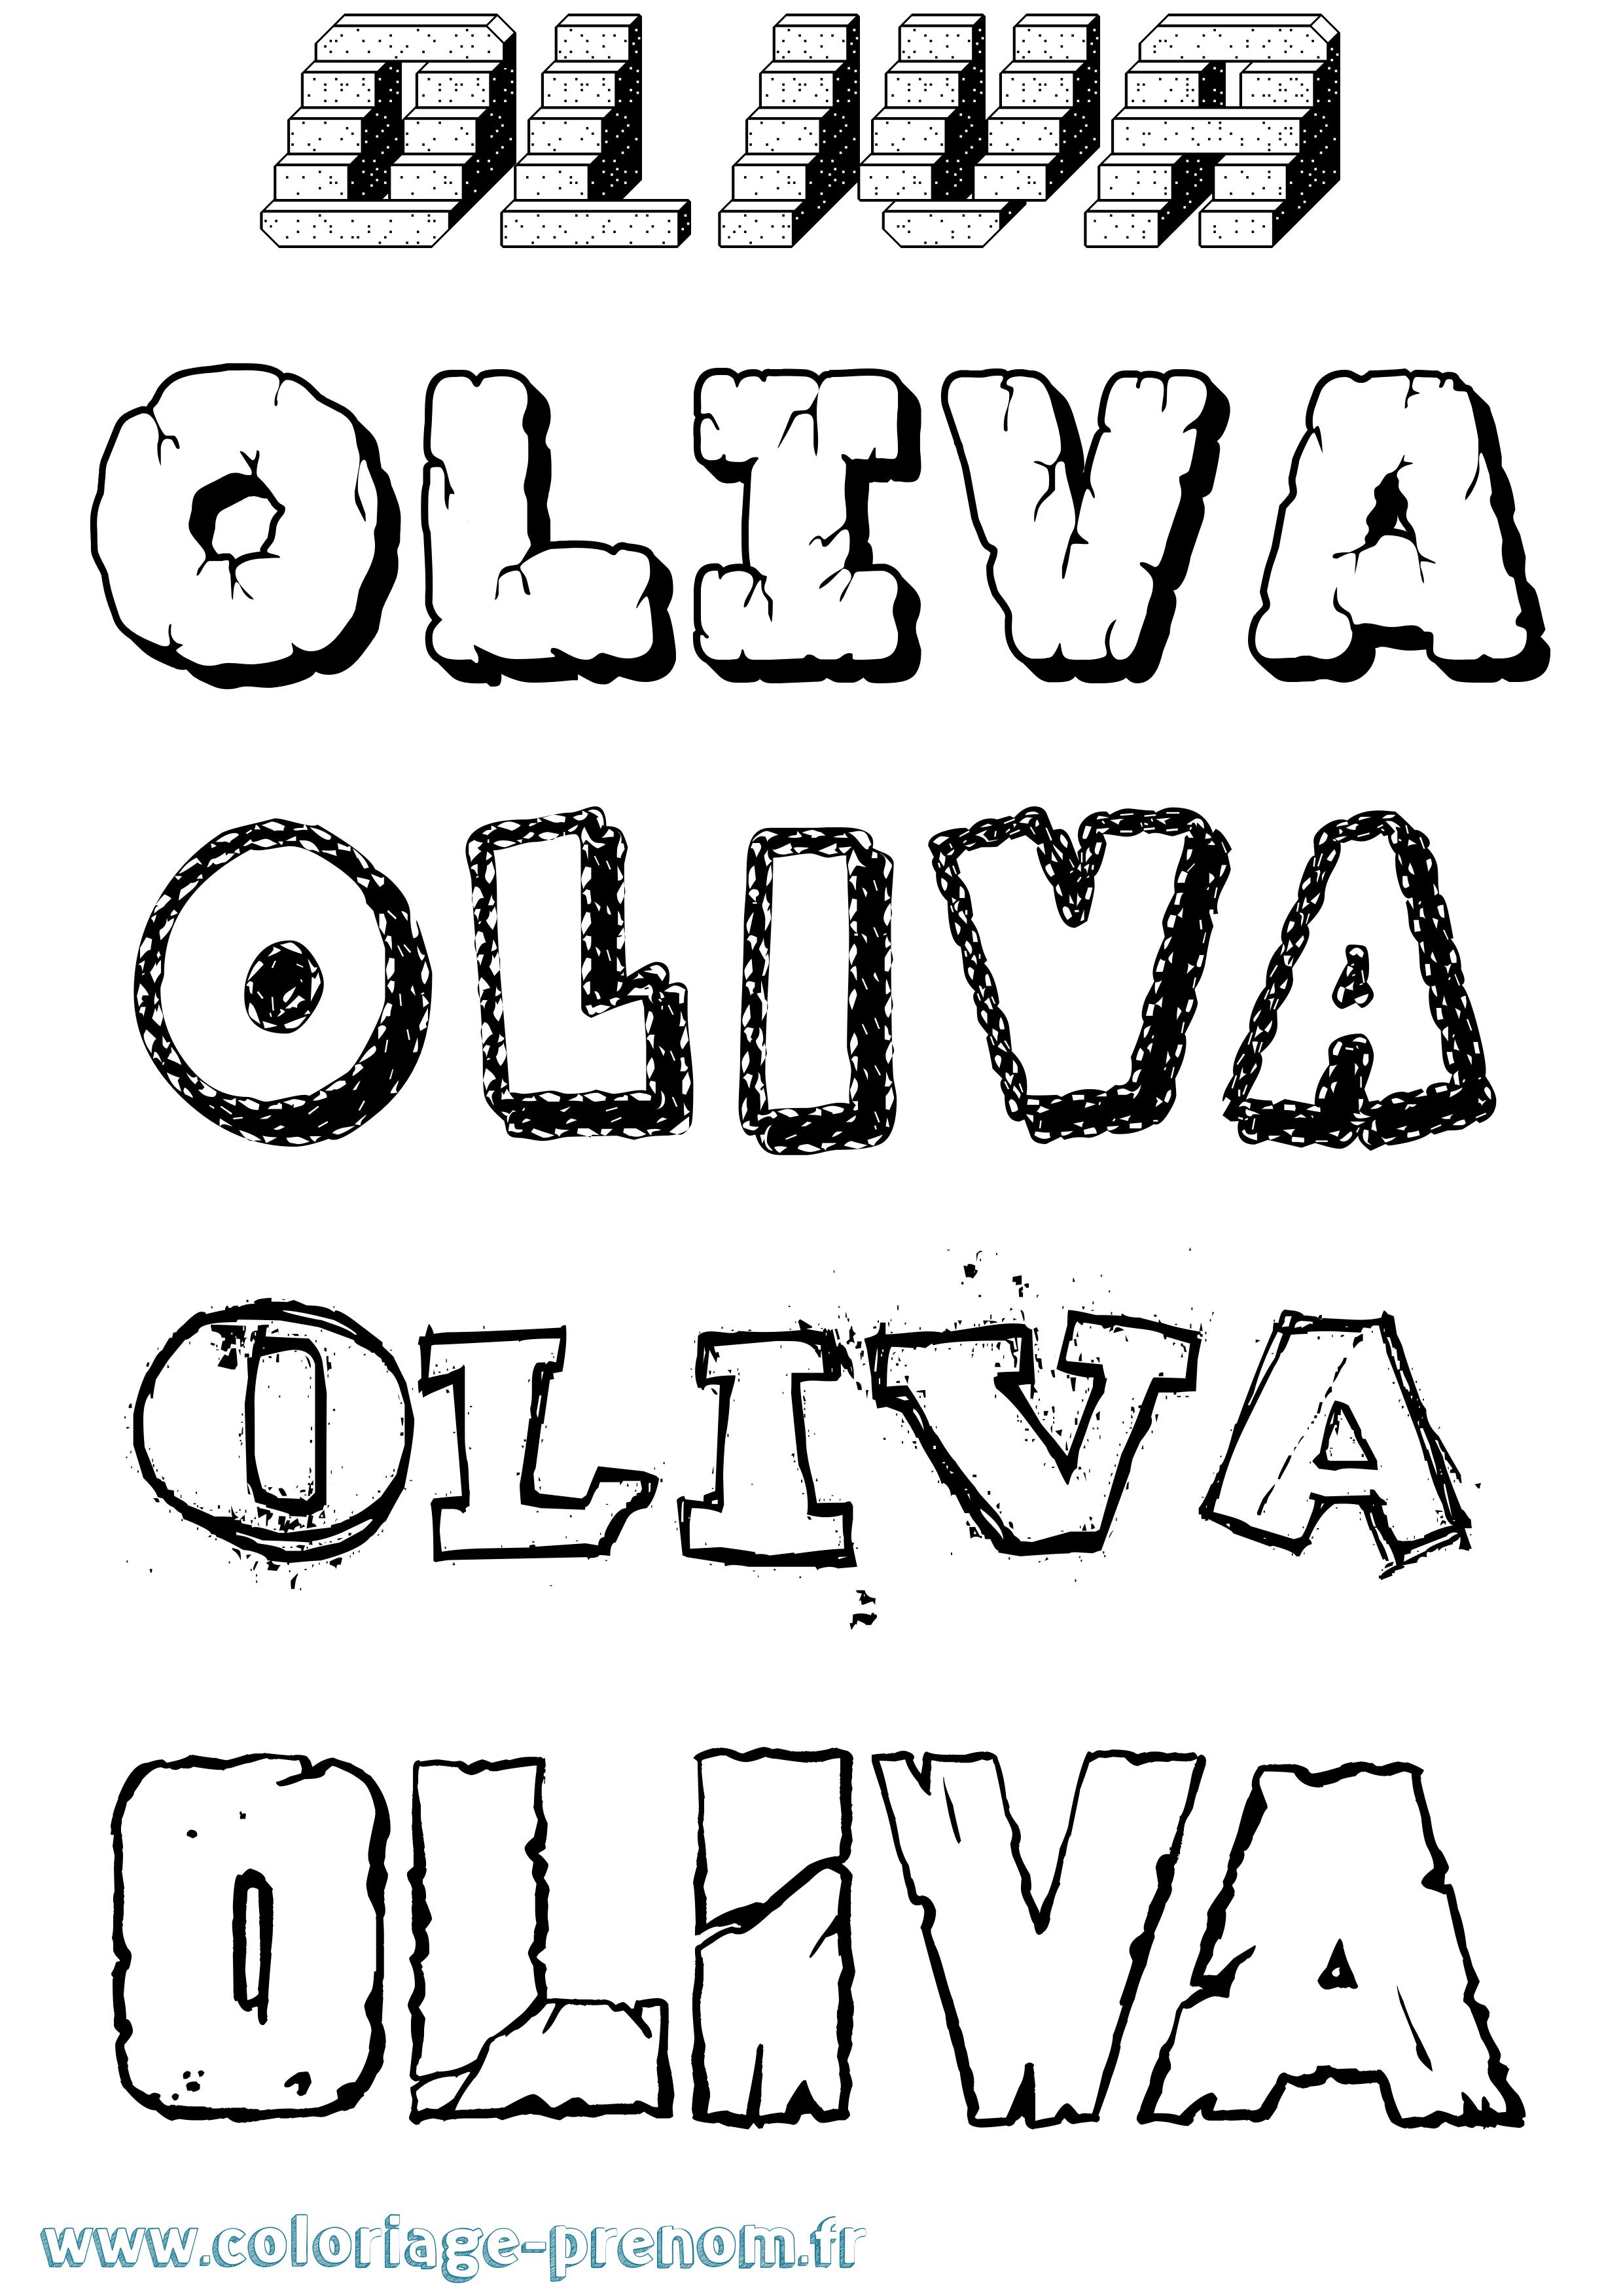 Coloriage du prénom Oliva : à Imprimer ou Télécharger ...